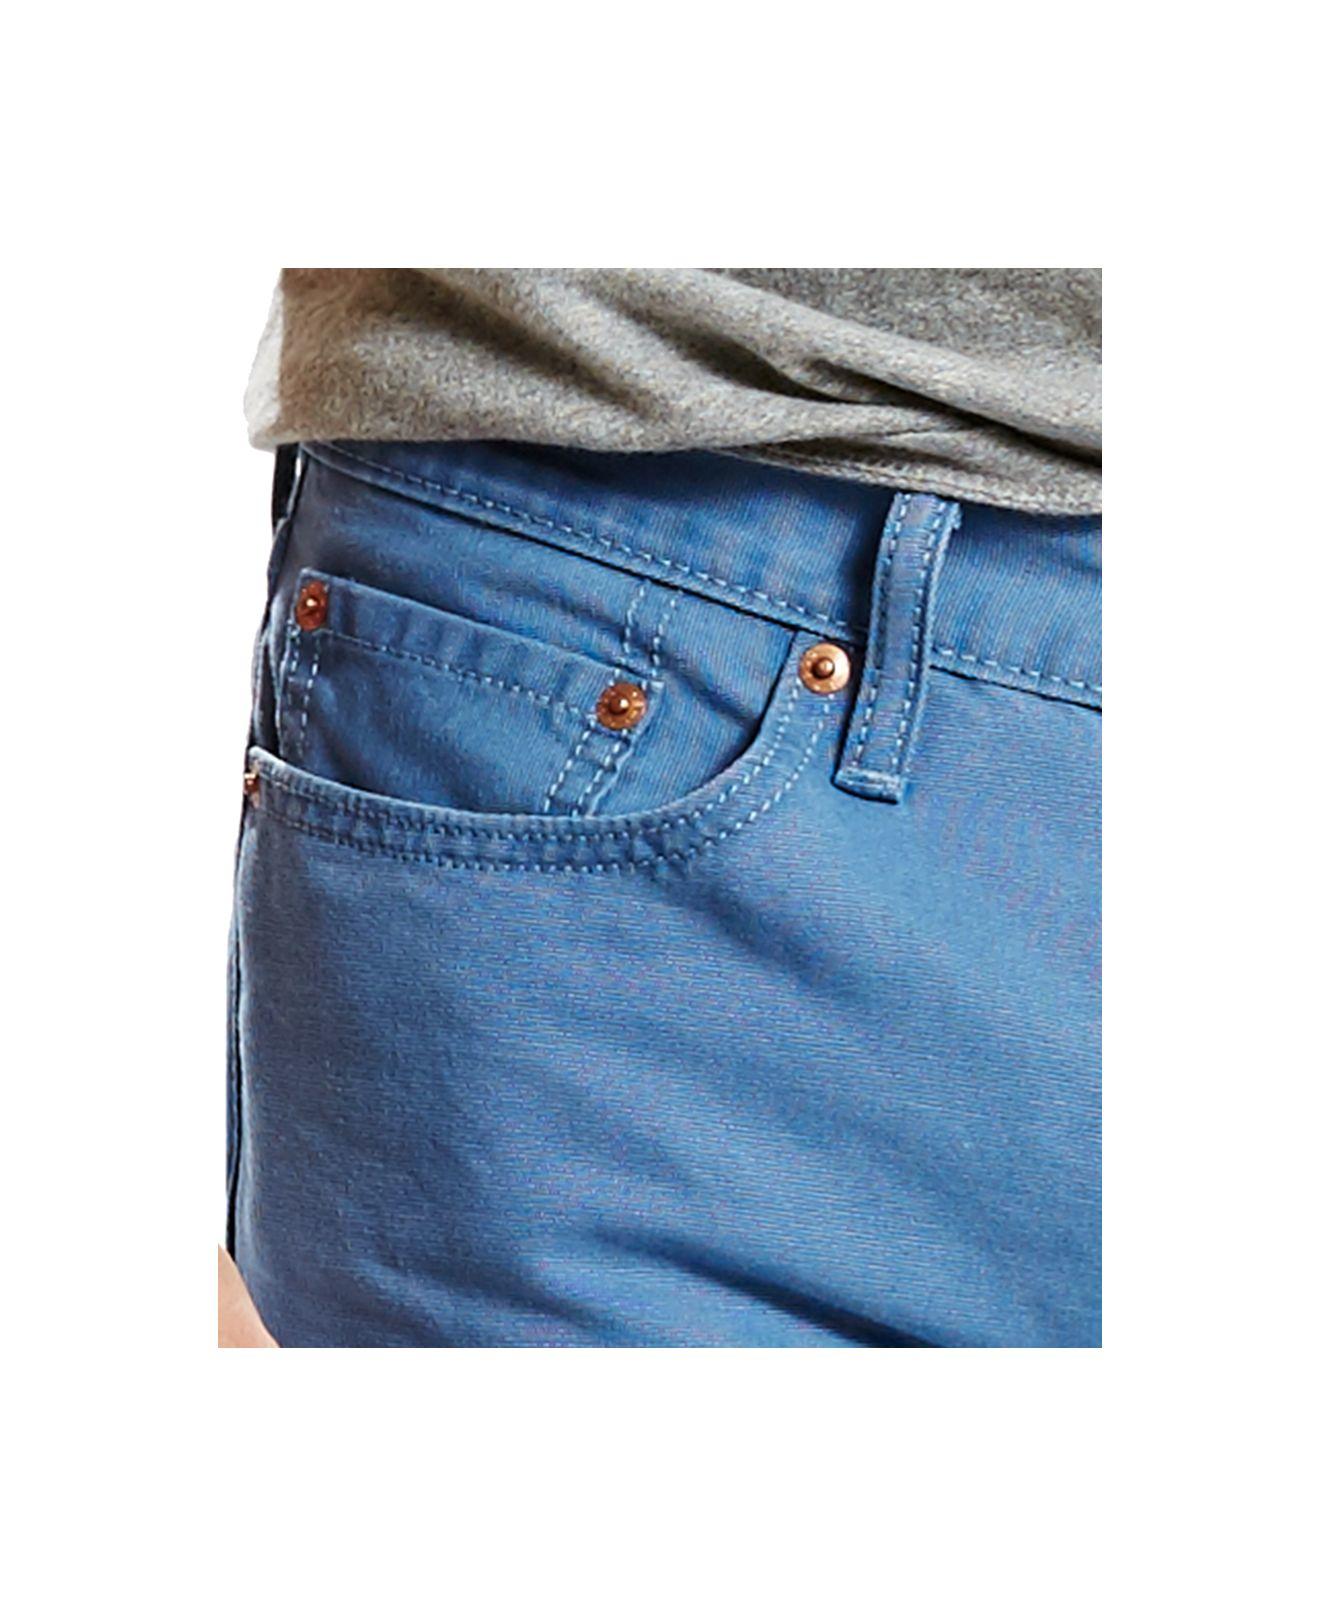 Mens Levis 514 Jeans